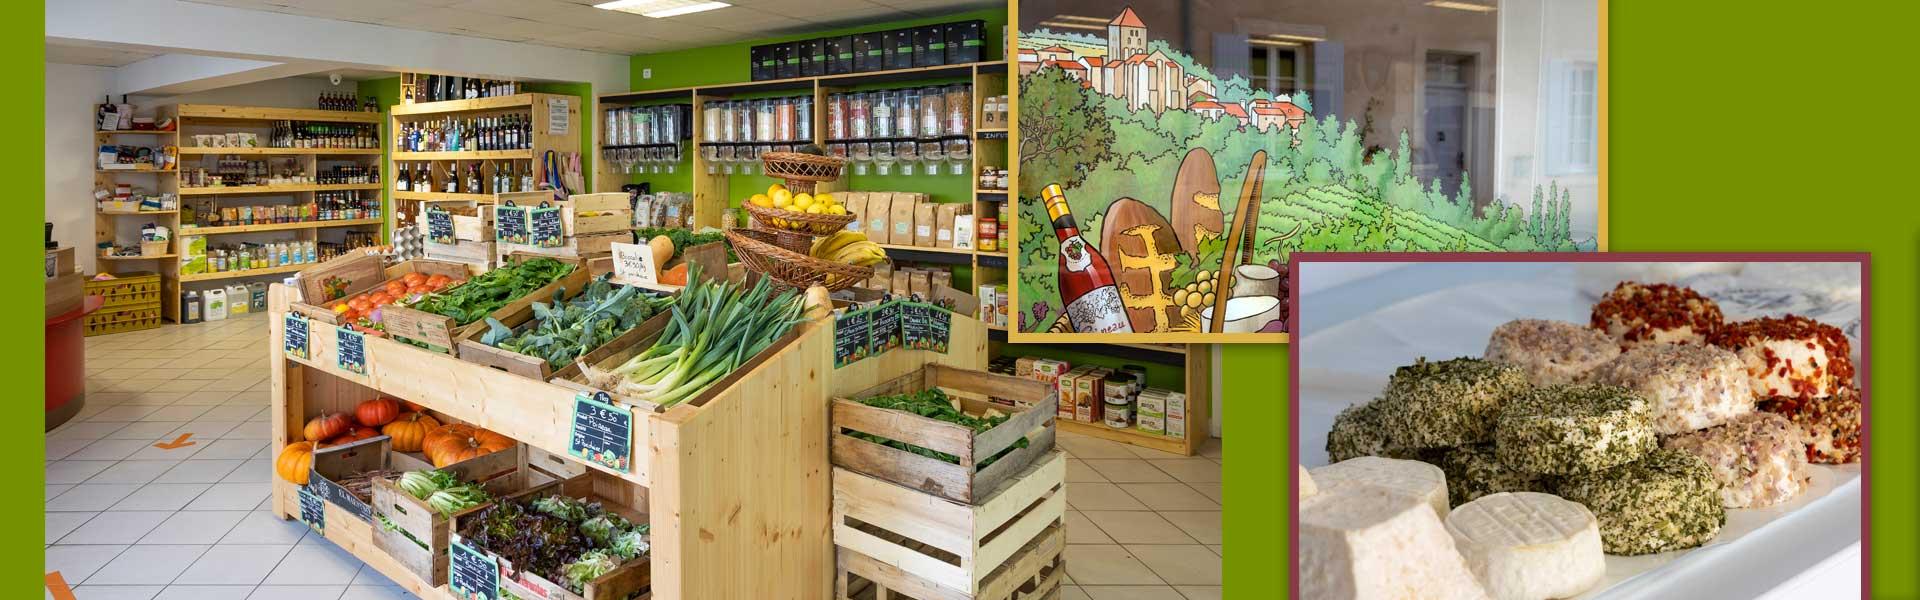 Permalink to: Épicerie à Saint-Sauvant (17)